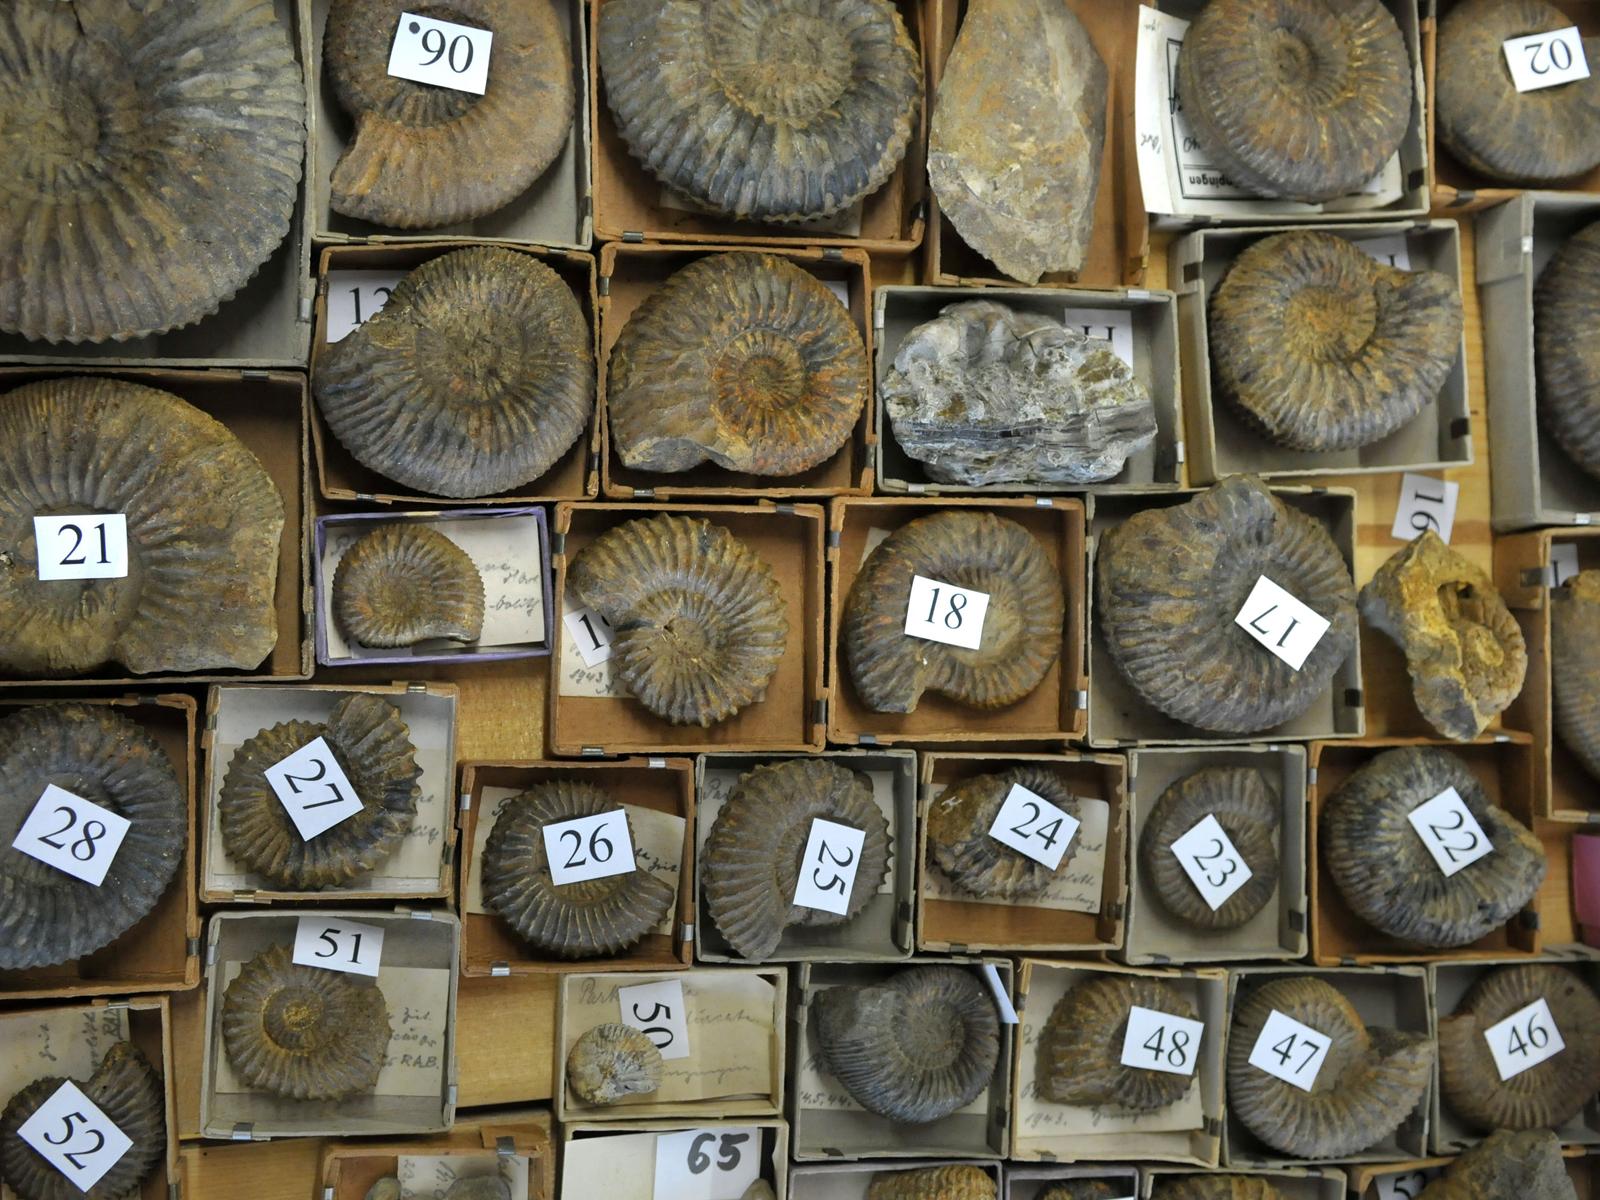 Verschiedene, nummerierte Fossilien